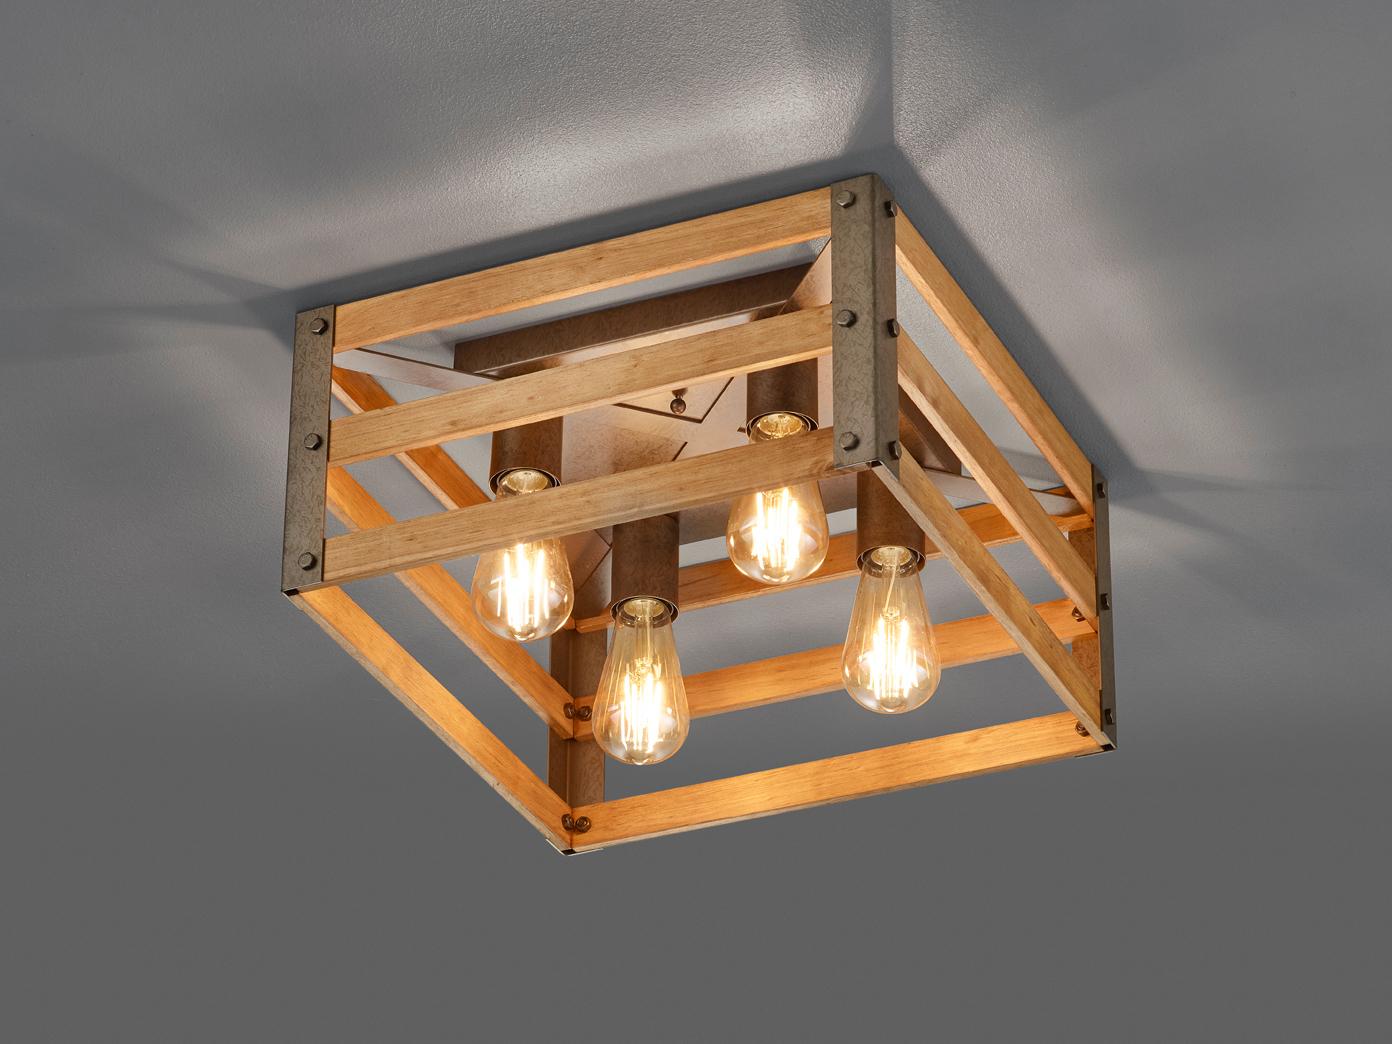 Industrial Look Deckenleuchte Kuchenlampe Mit Viereckigem Lampenschirm Aus Holz Kaufen Bei Setpoint Deutschland Gmbh